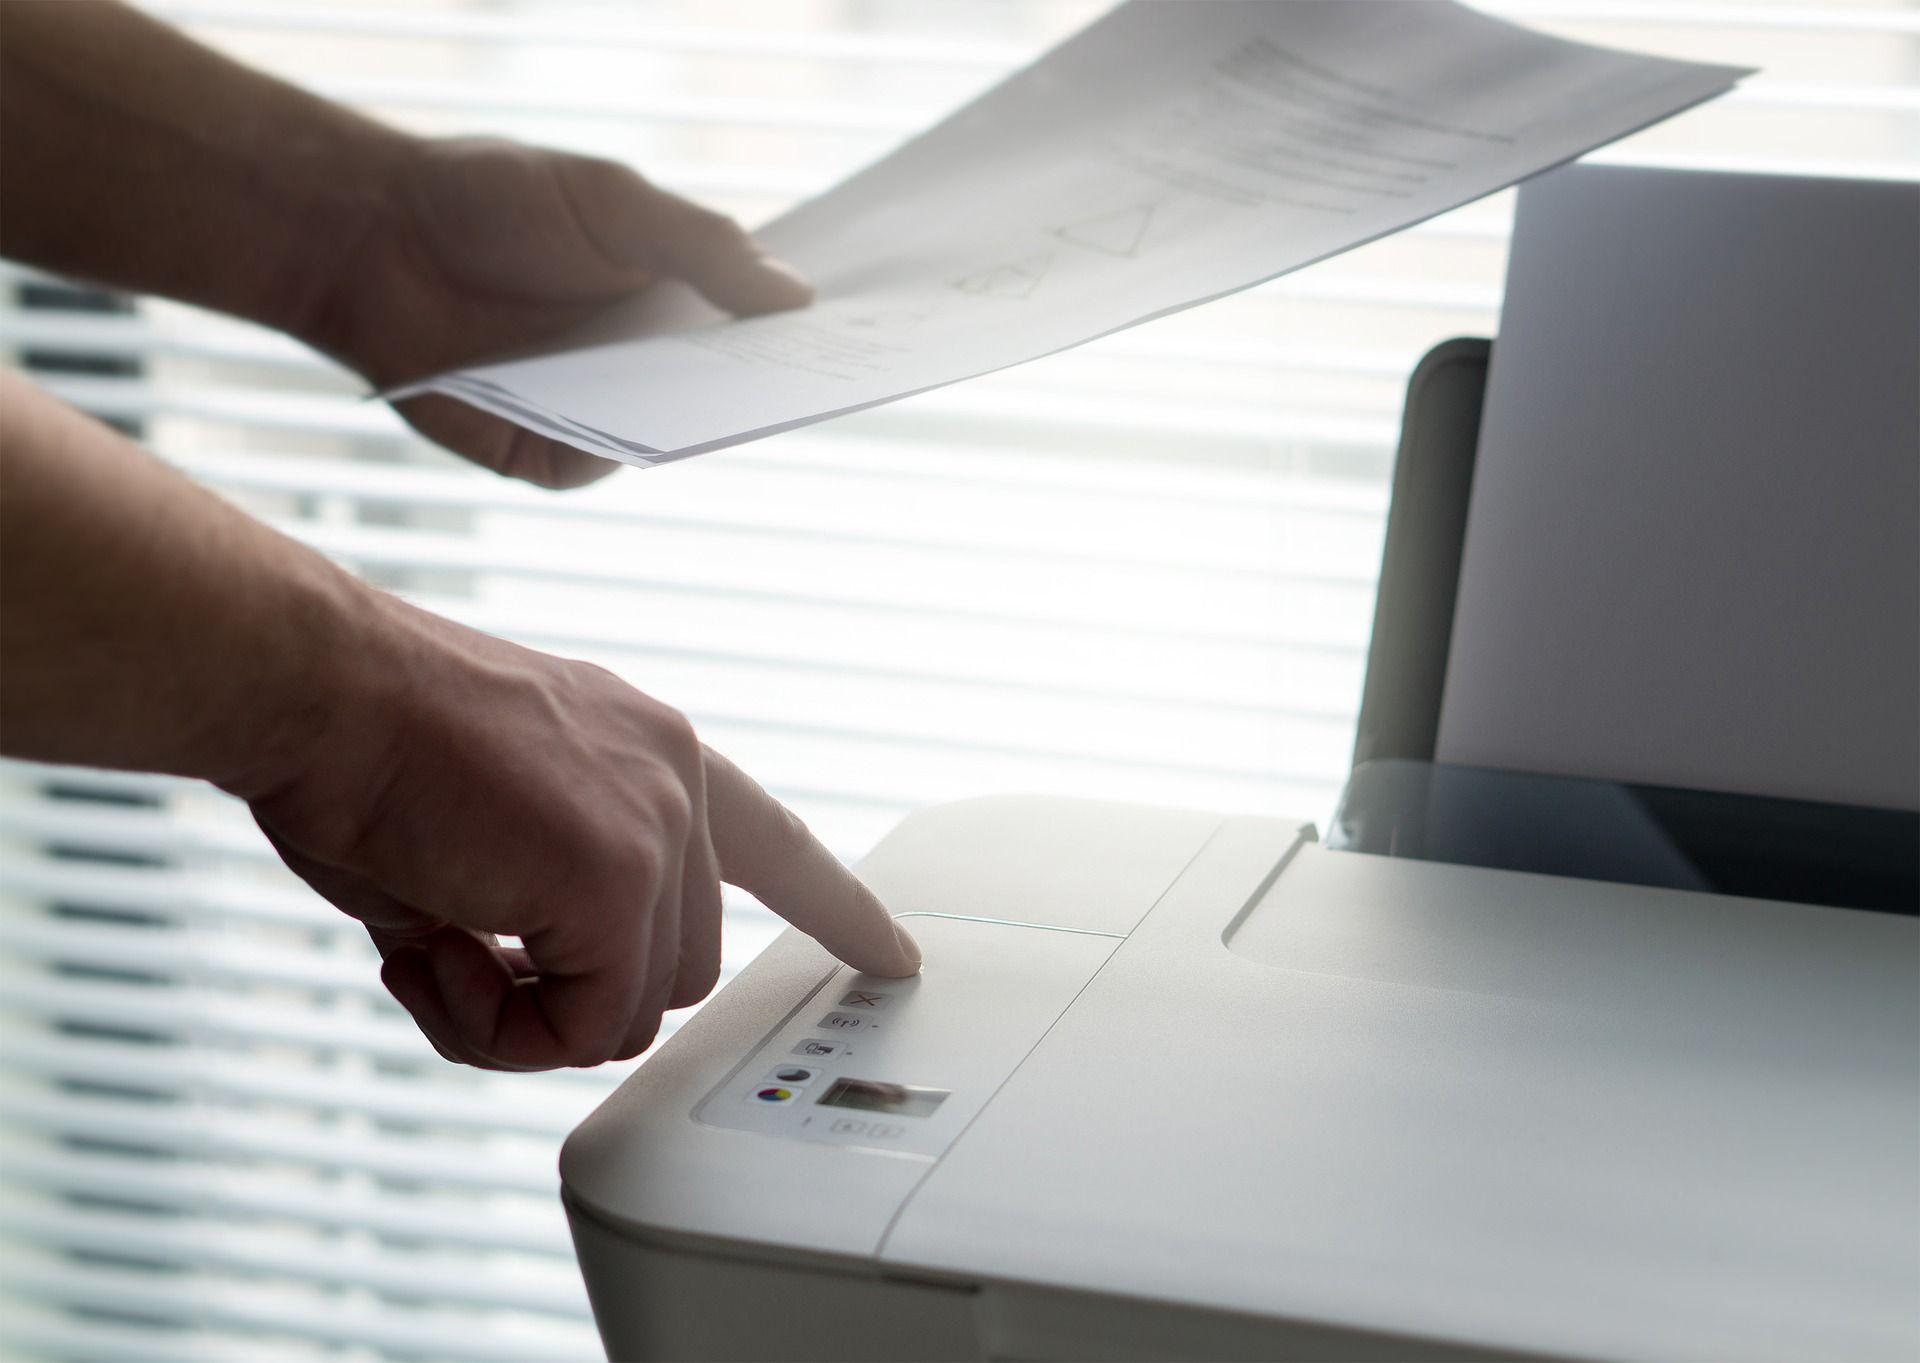 Atramentowa, laserowa, a może wielofunkcyjna? Wybieramy drukarkę!